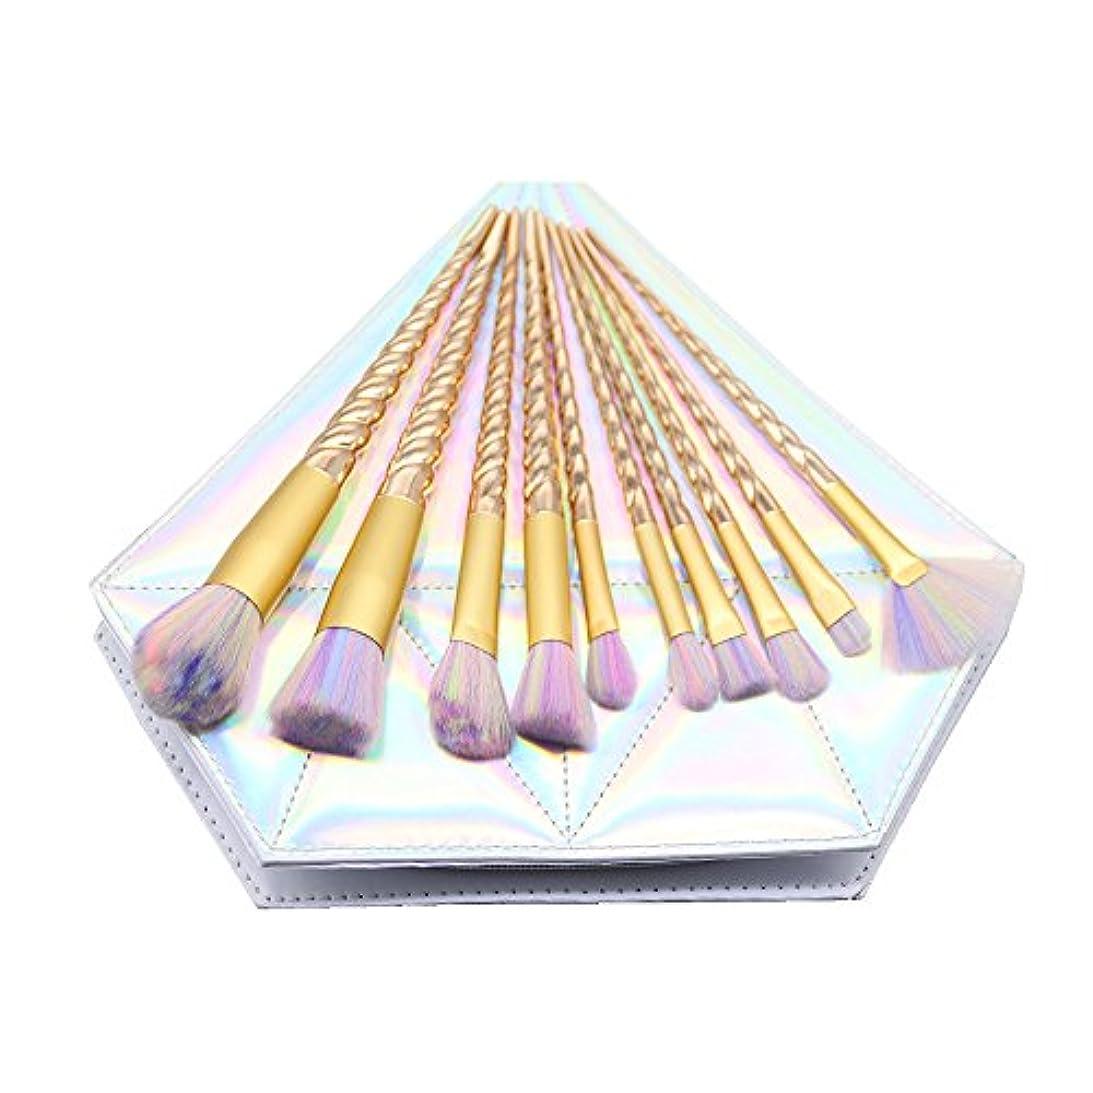 より多いスリップ適応的Dilla Beauty メイクブラシセット 10本セット ユニコーンデザイン プラスチックハンドル 合成毛 ファンデーションブラシ アイシャドーブラッシャー 美容ツール 化粧品のバッグ付き